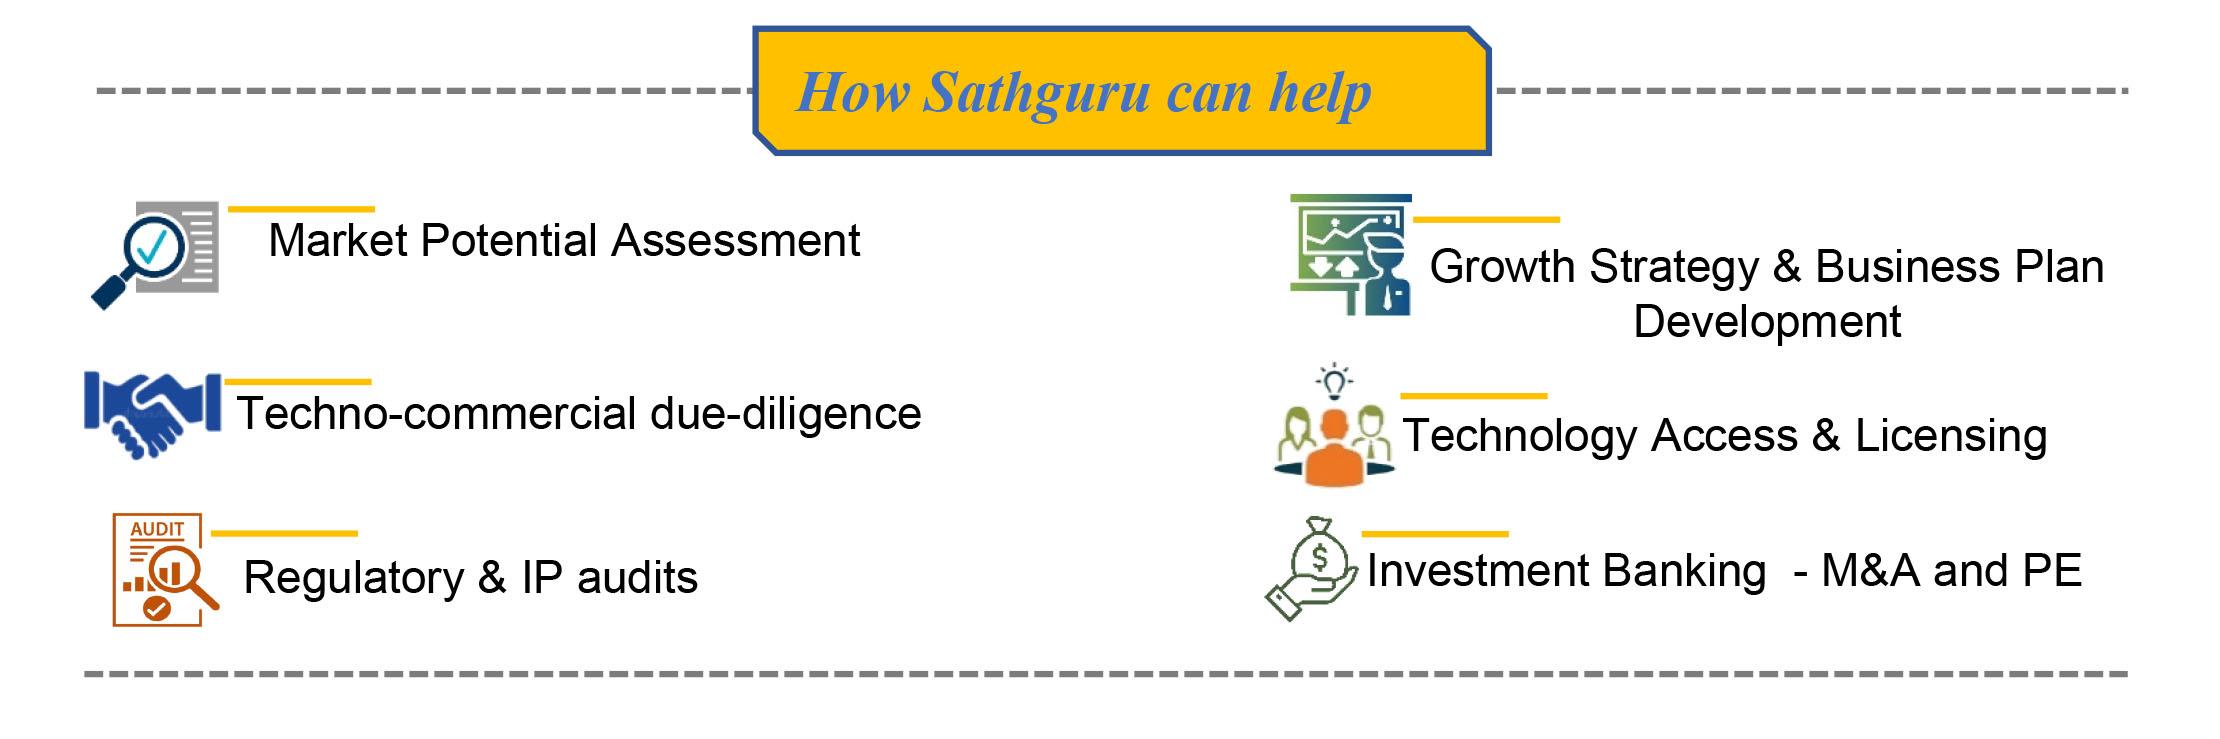 how-sathguru-helps